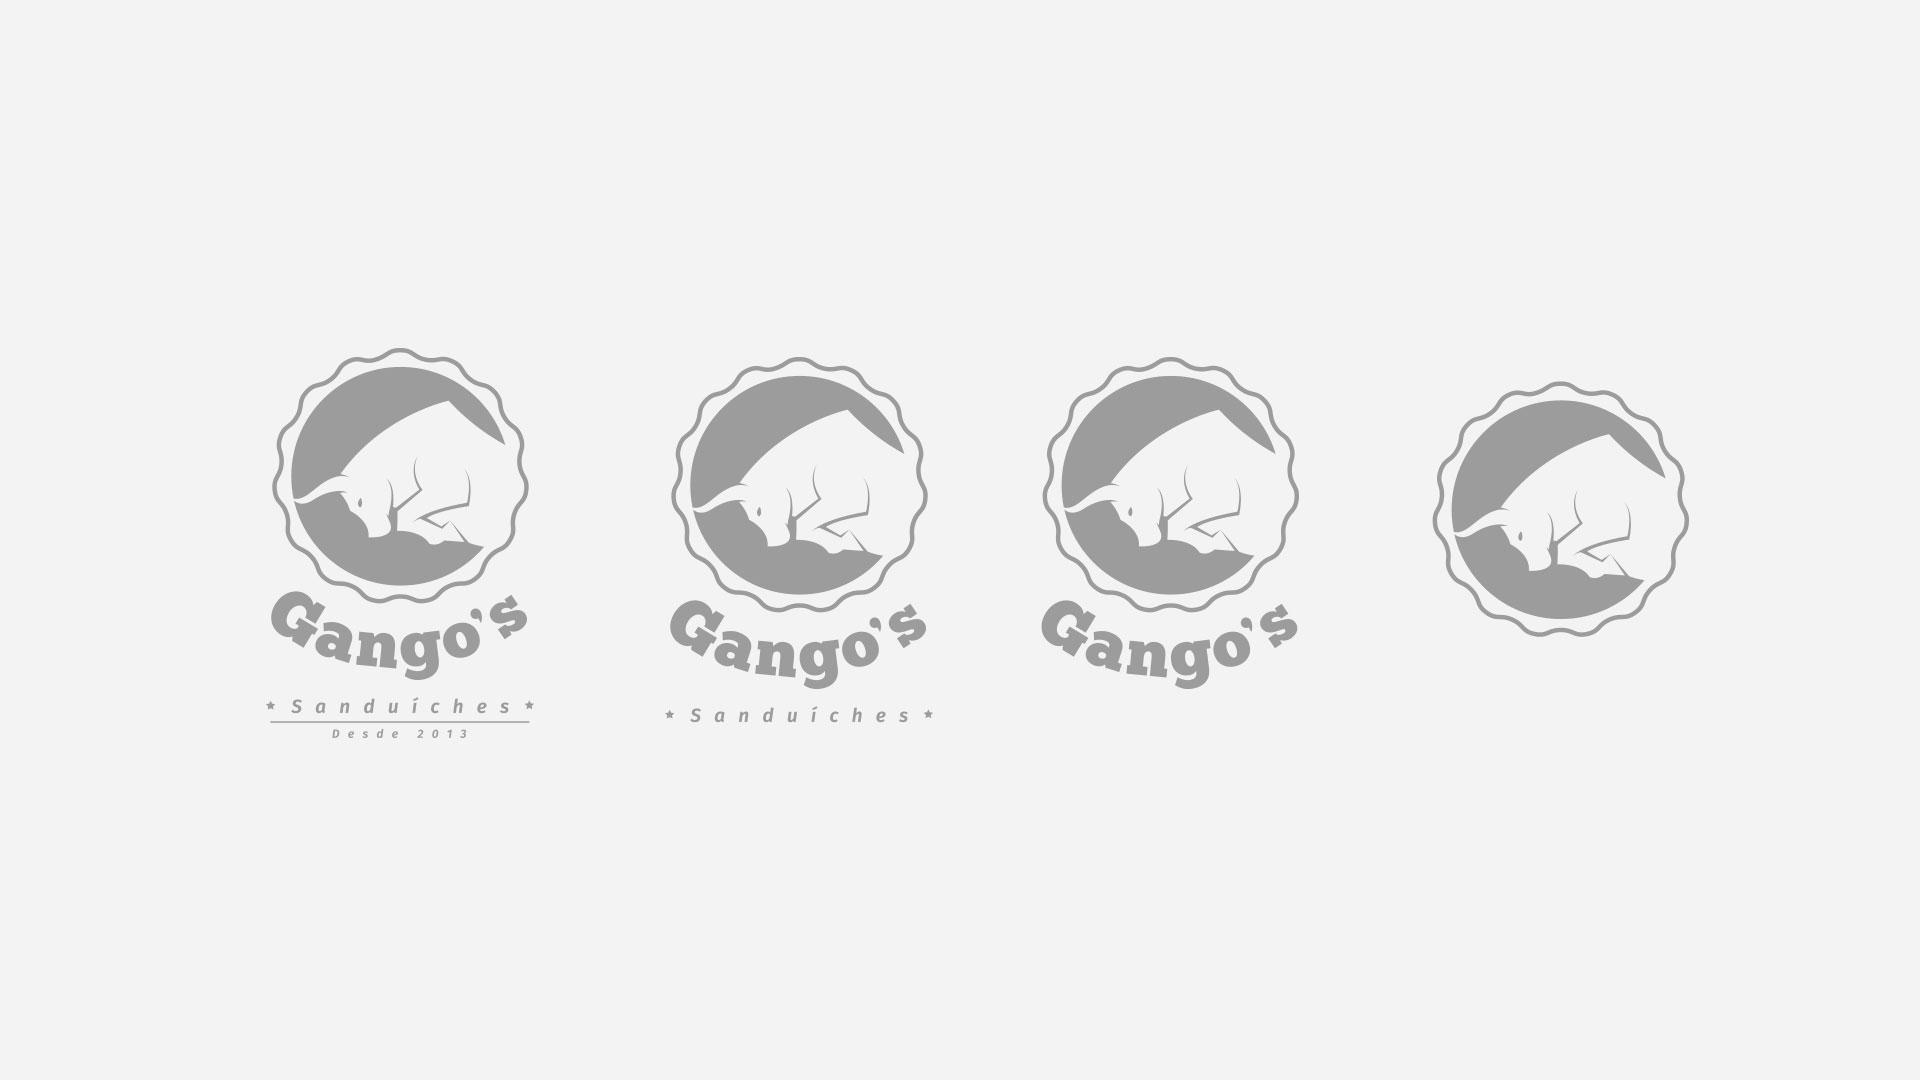 gangos_05